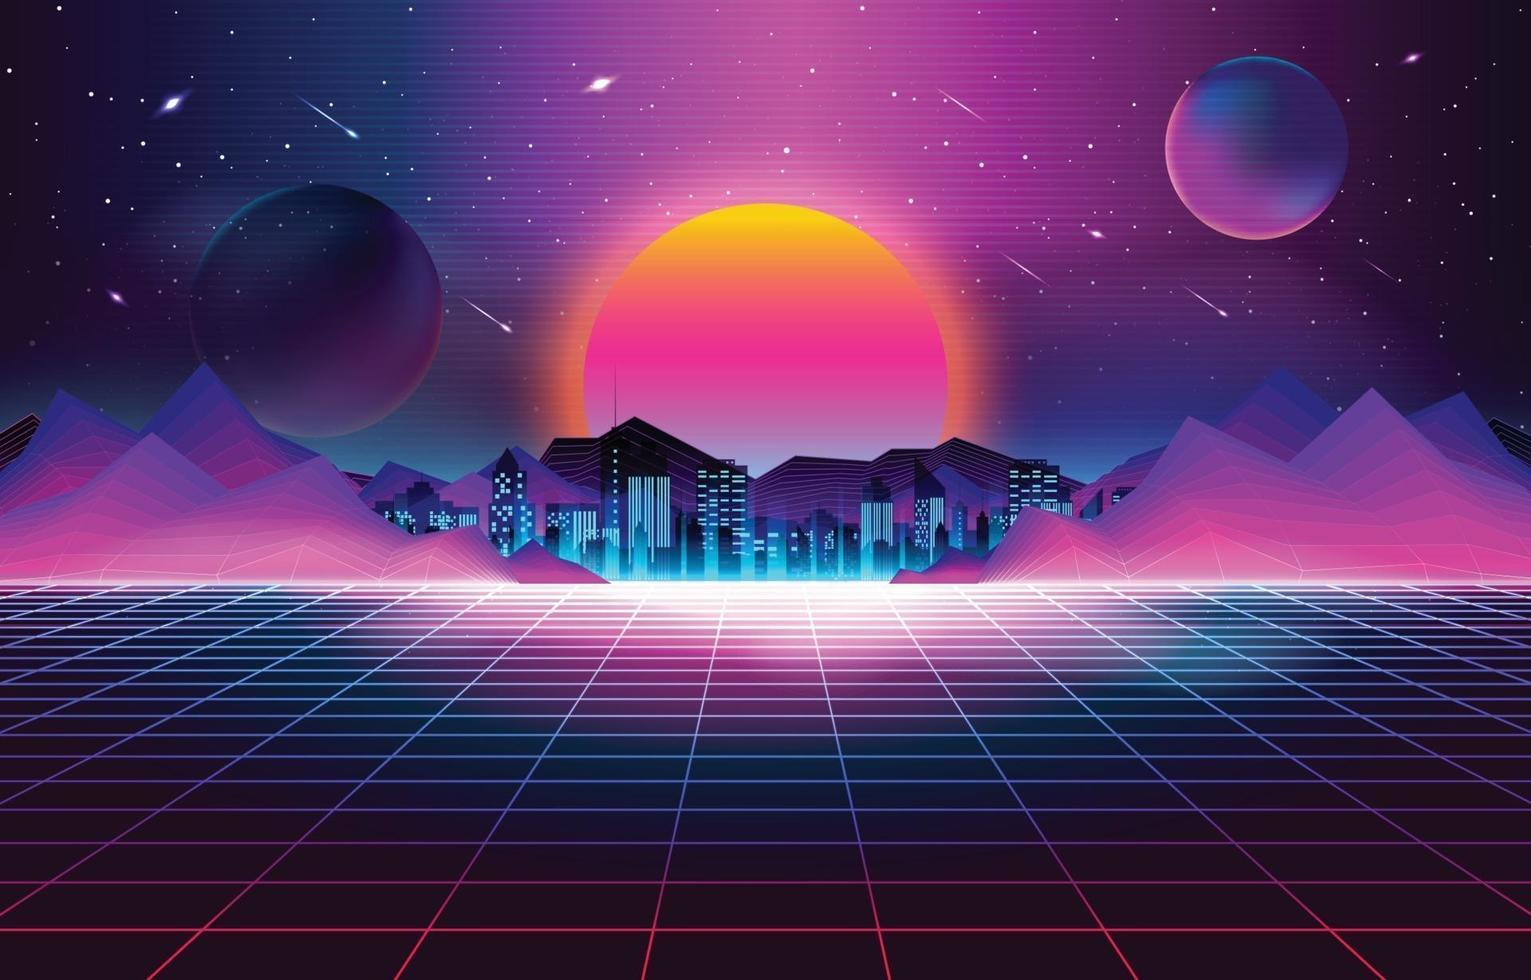 fundo retro futurismo pôr do sol vetor